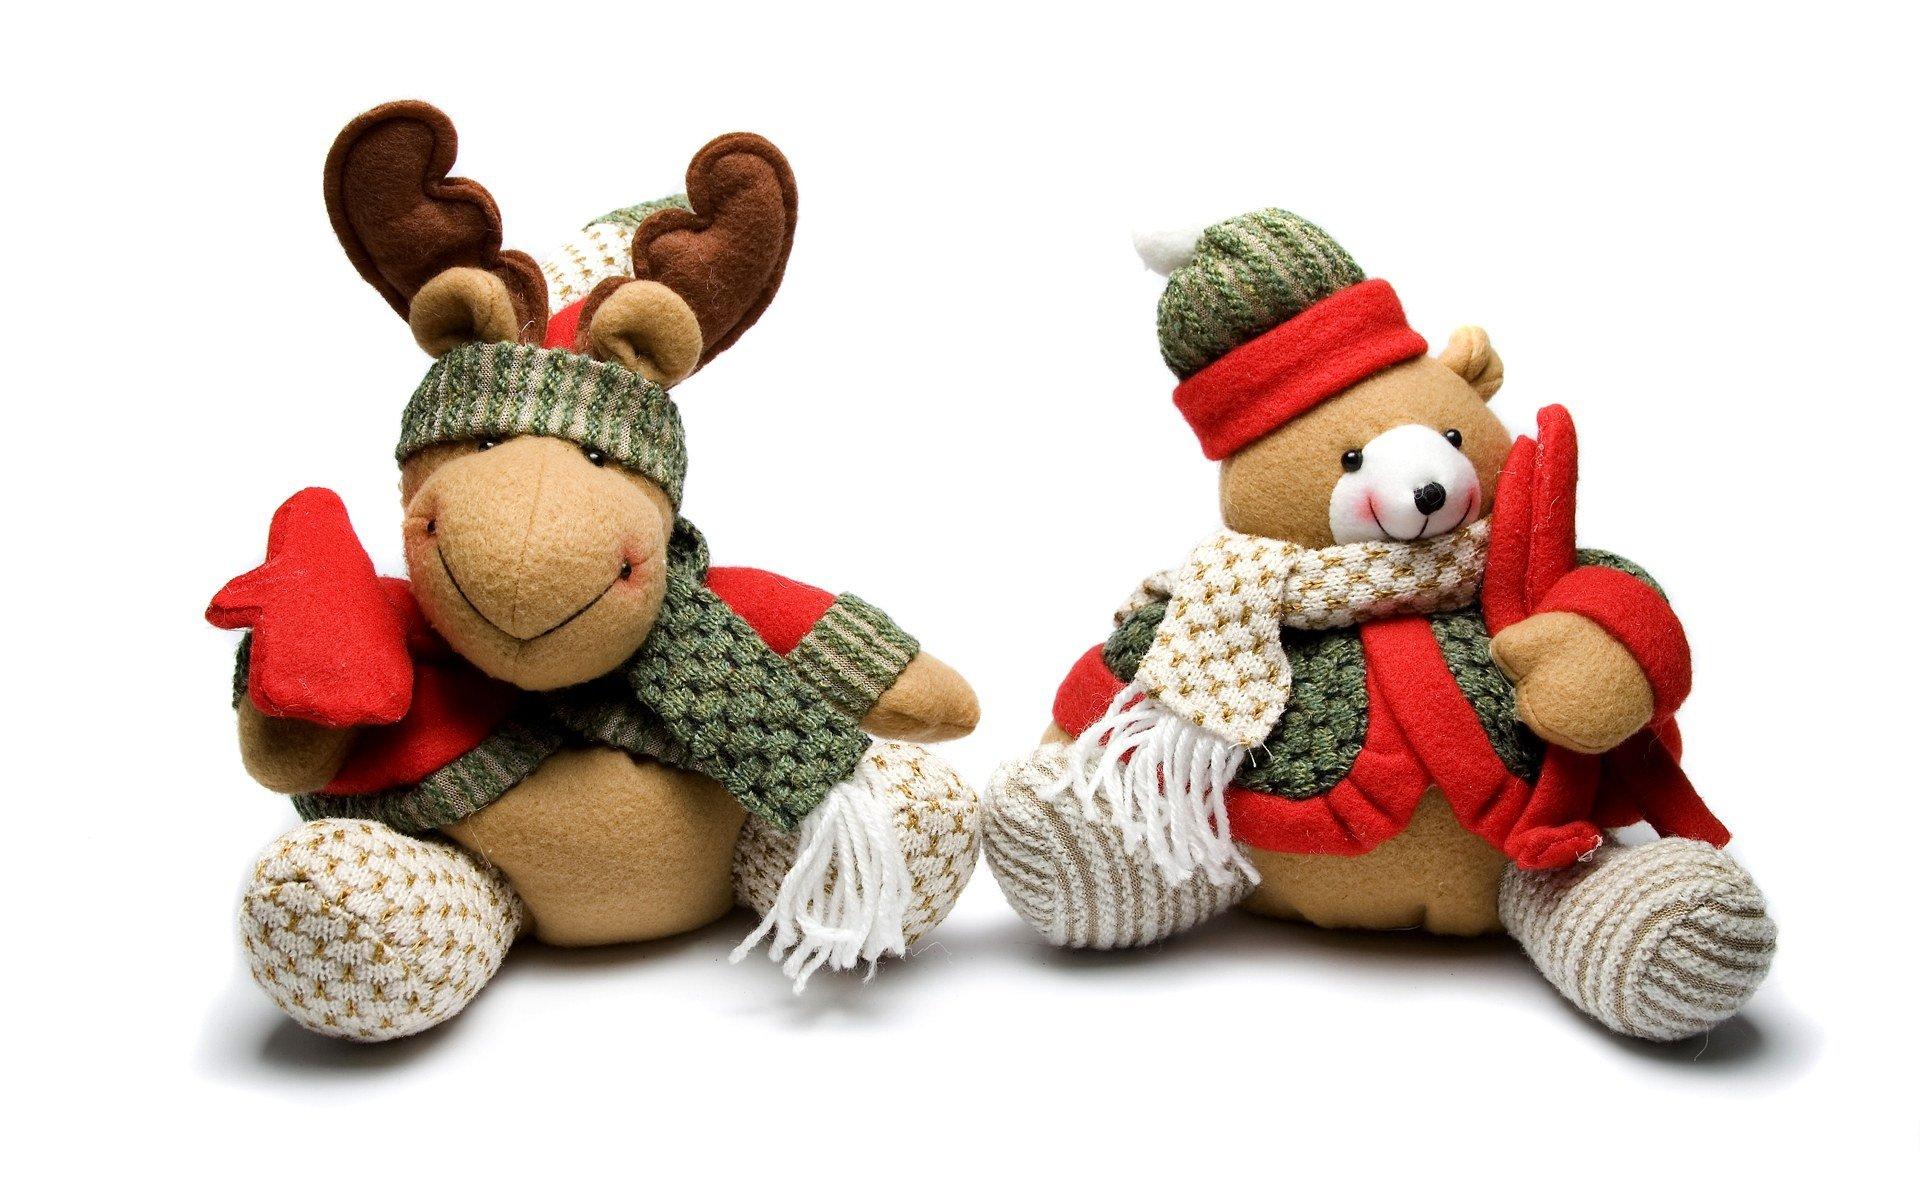 сам подарок на новый год картинки игрушки это сообщество игроков